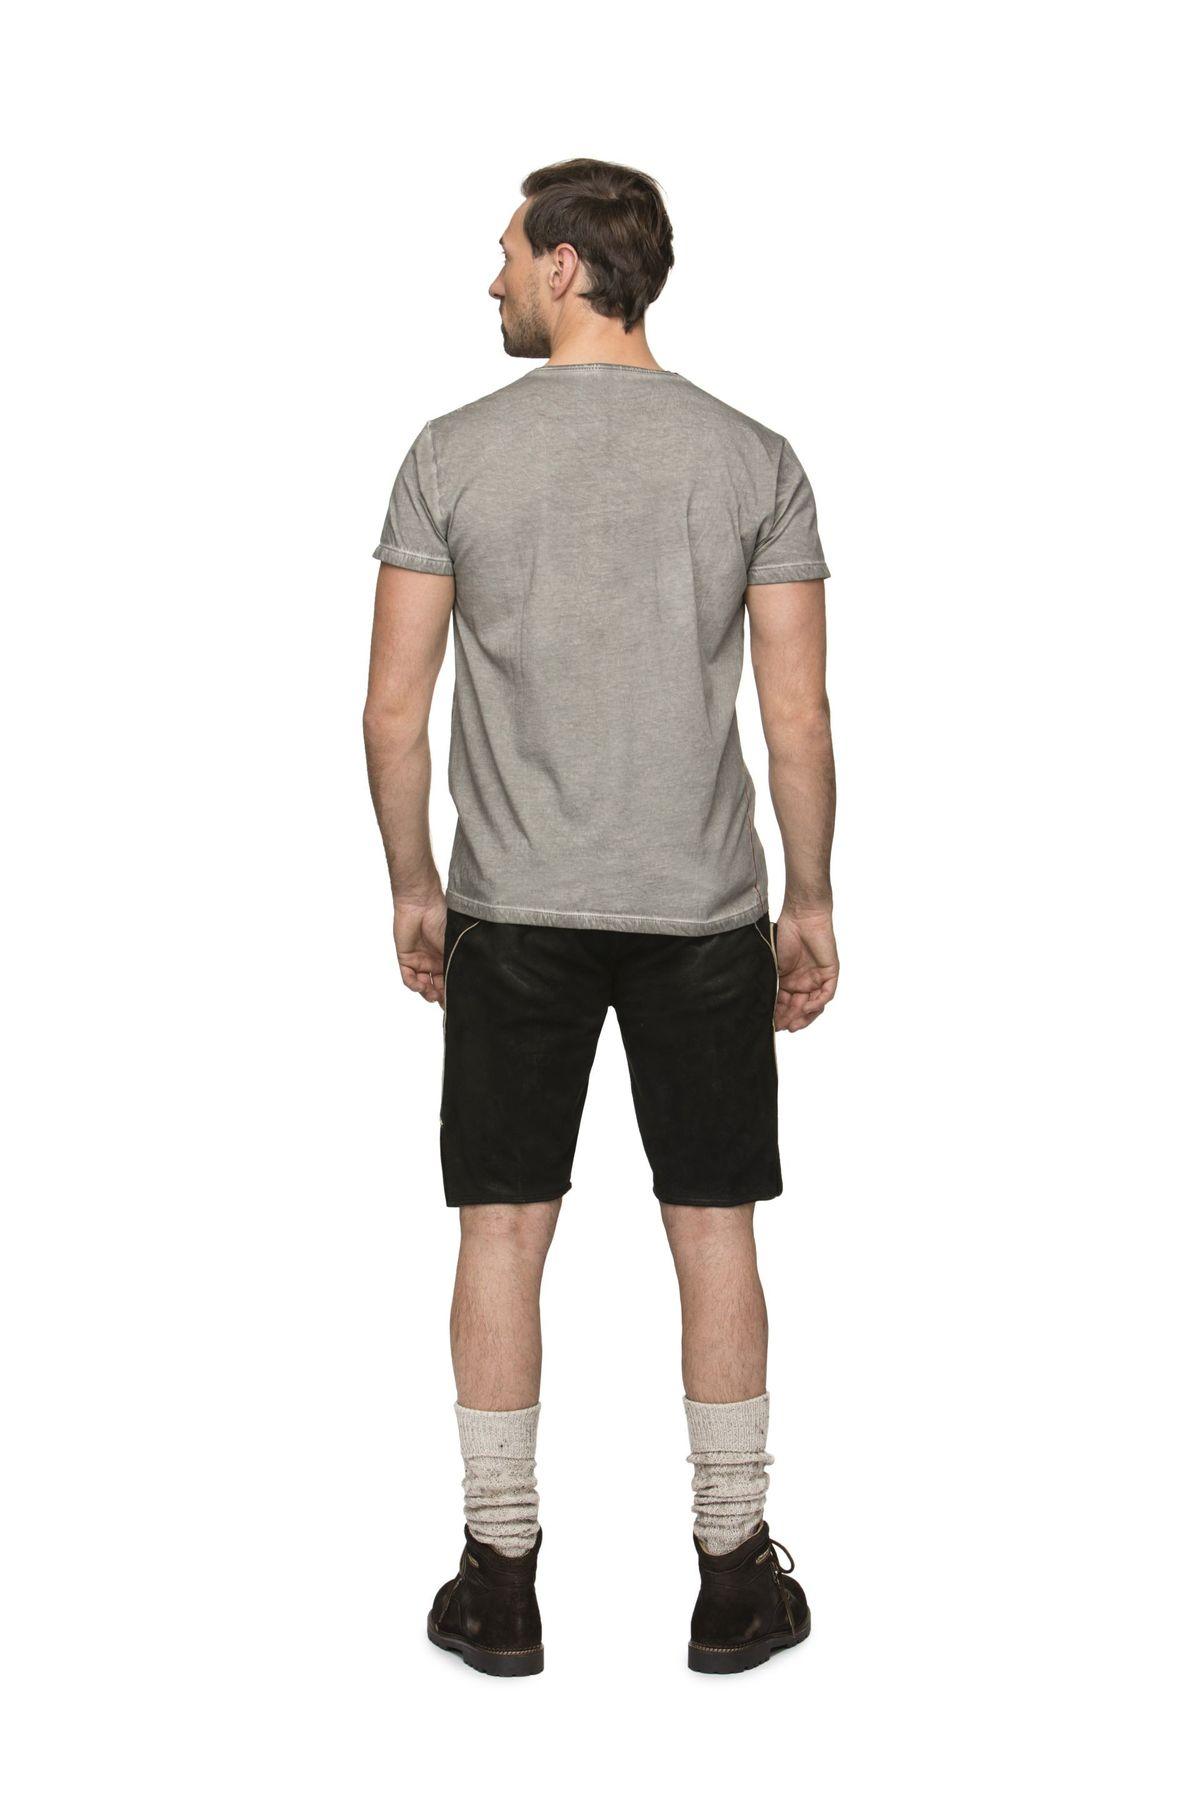 Stockerpoint - Herren Trachten T-Shirt, Billy2 – Bild 7